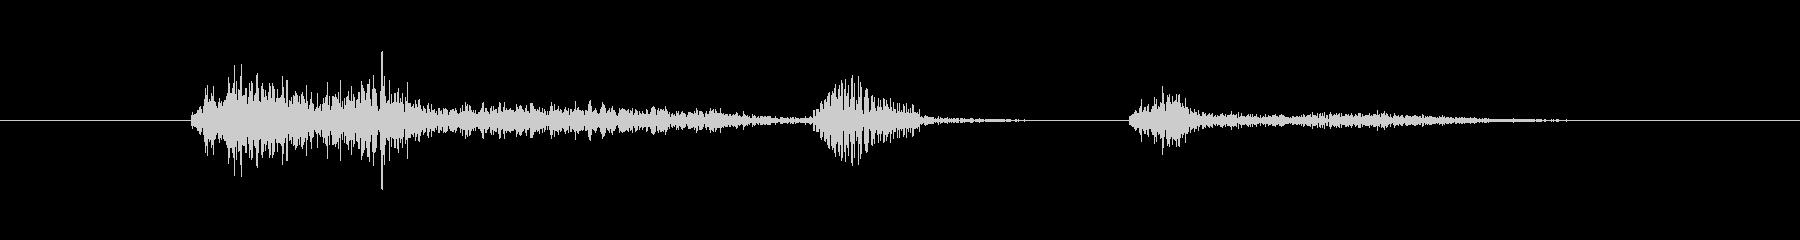 鳴き声 咳女性03の未再生の波形